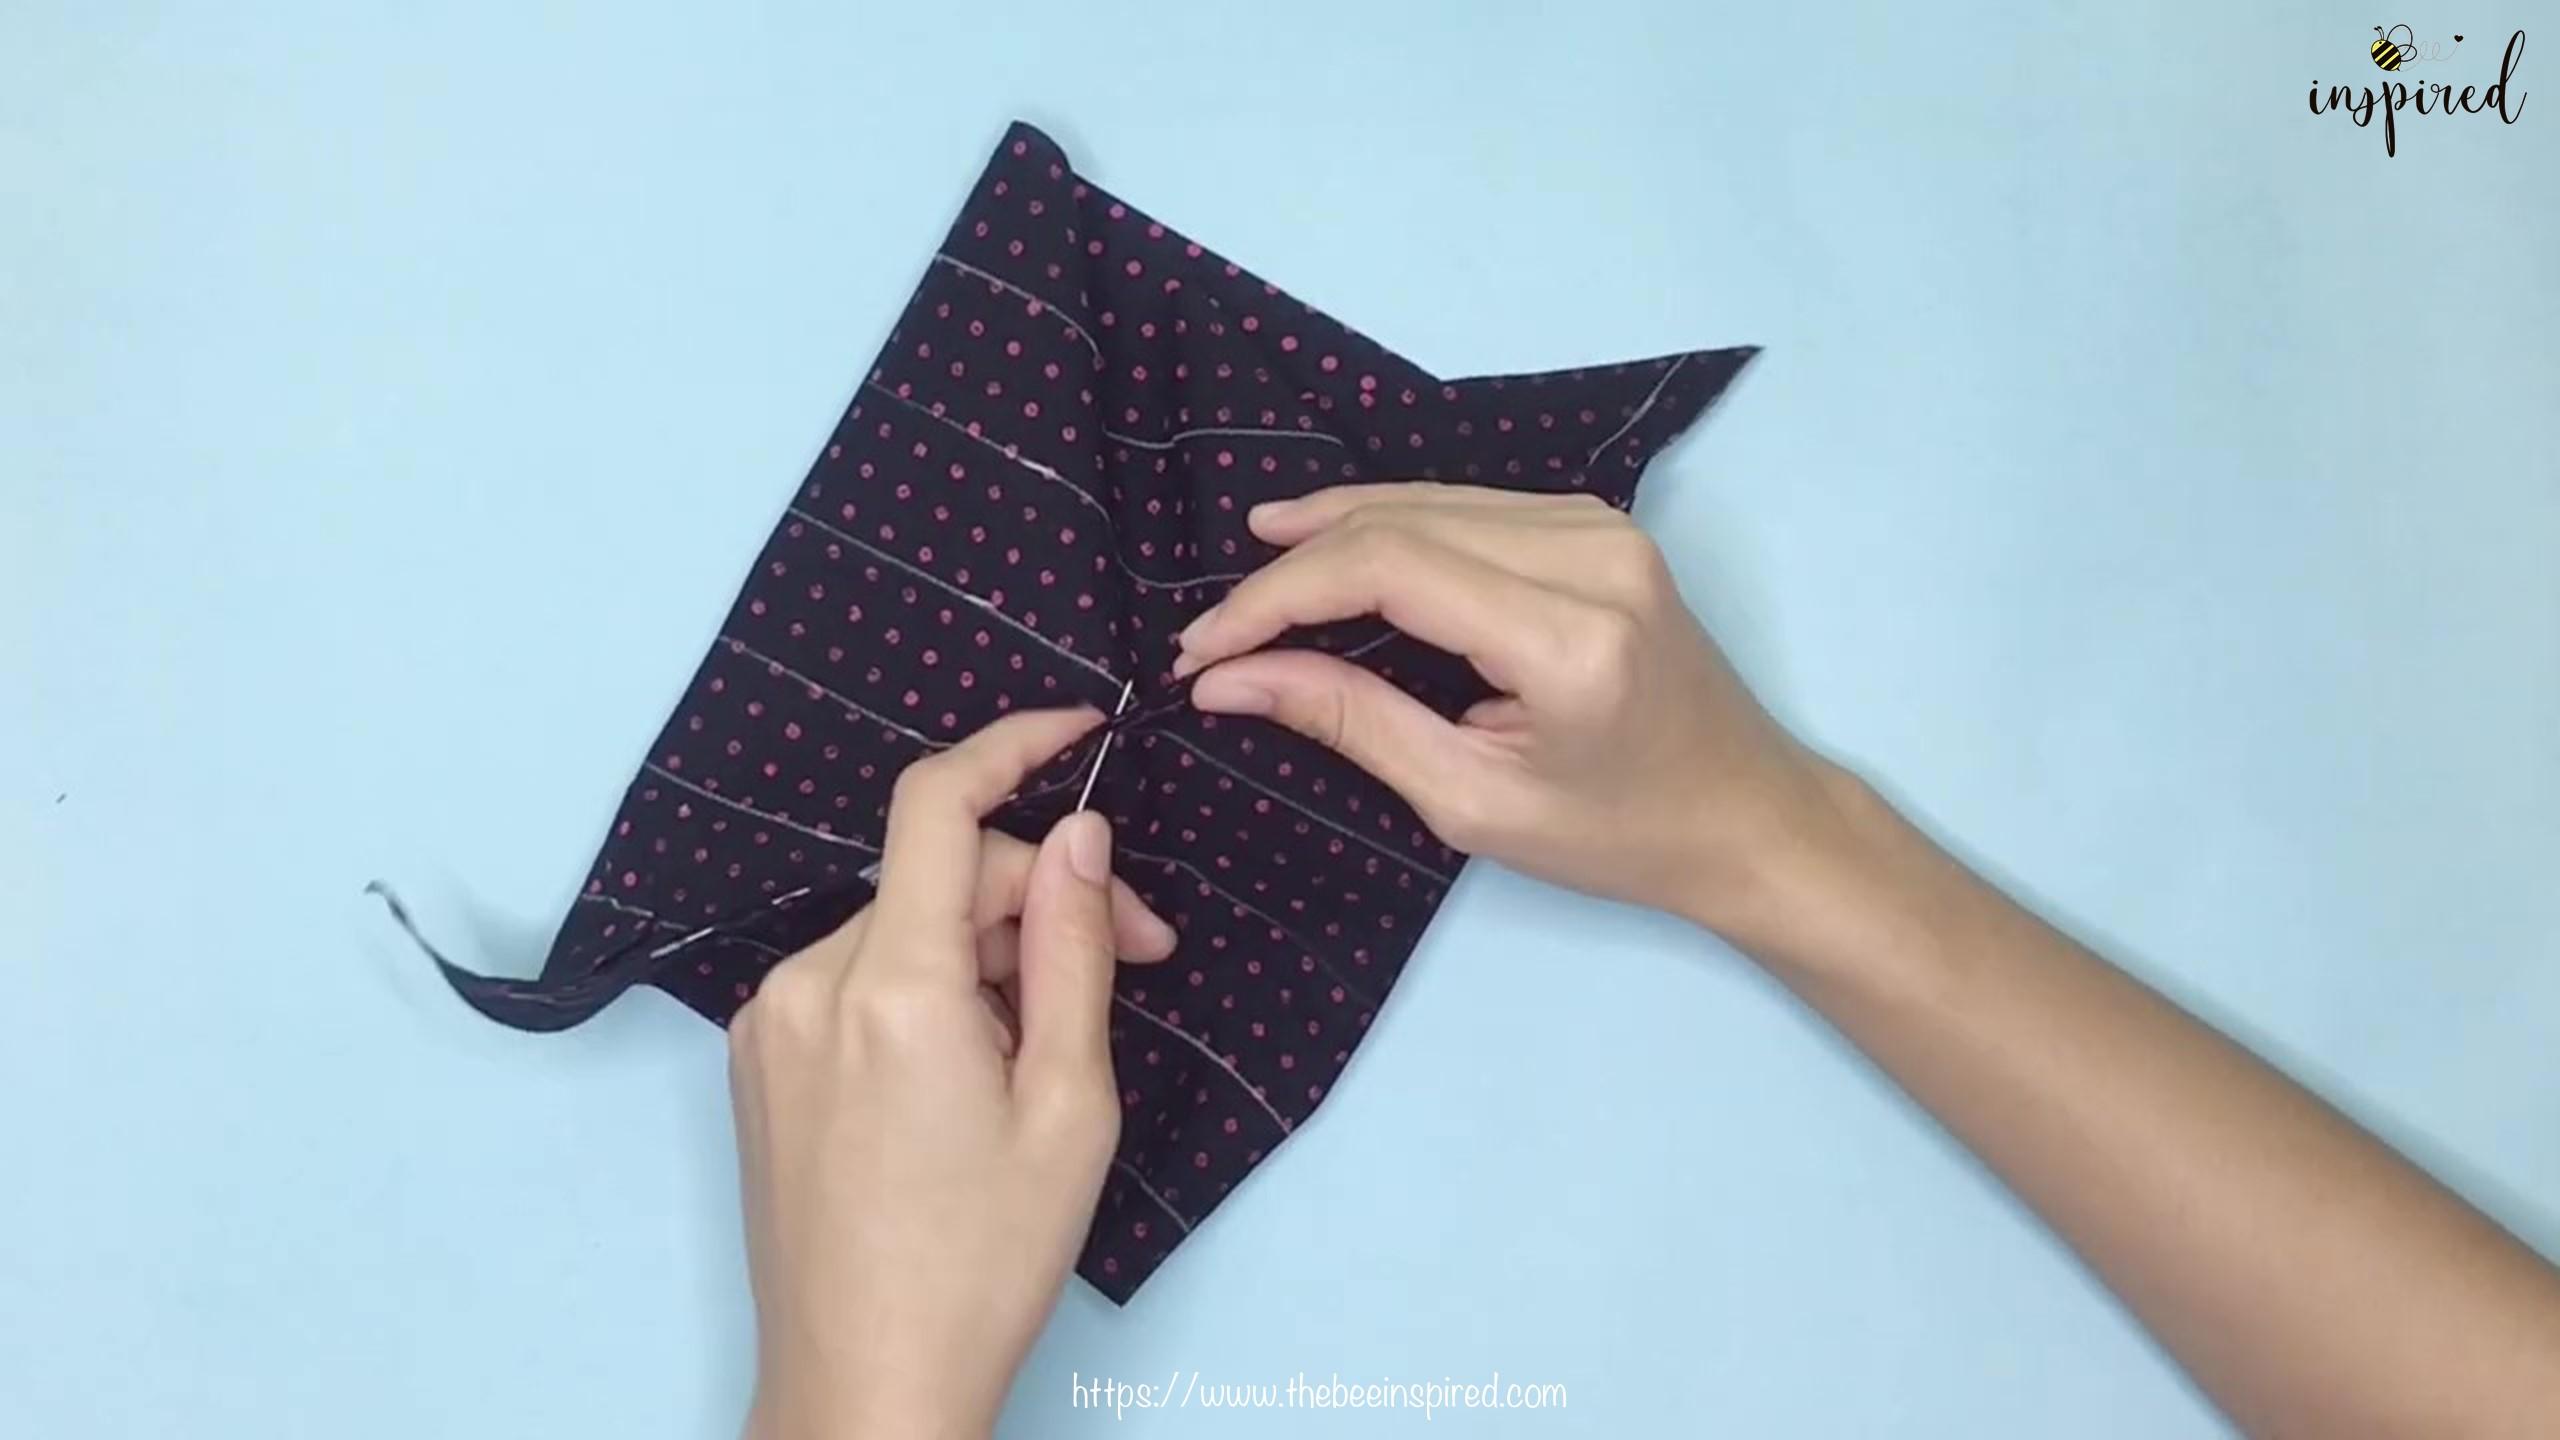 เทคนิคตัดและต่อผ้าเฉลียงที่ไม่ดูไม่ได้_ What is Fabric Grain & How to Make Continuous Bias Binding_11